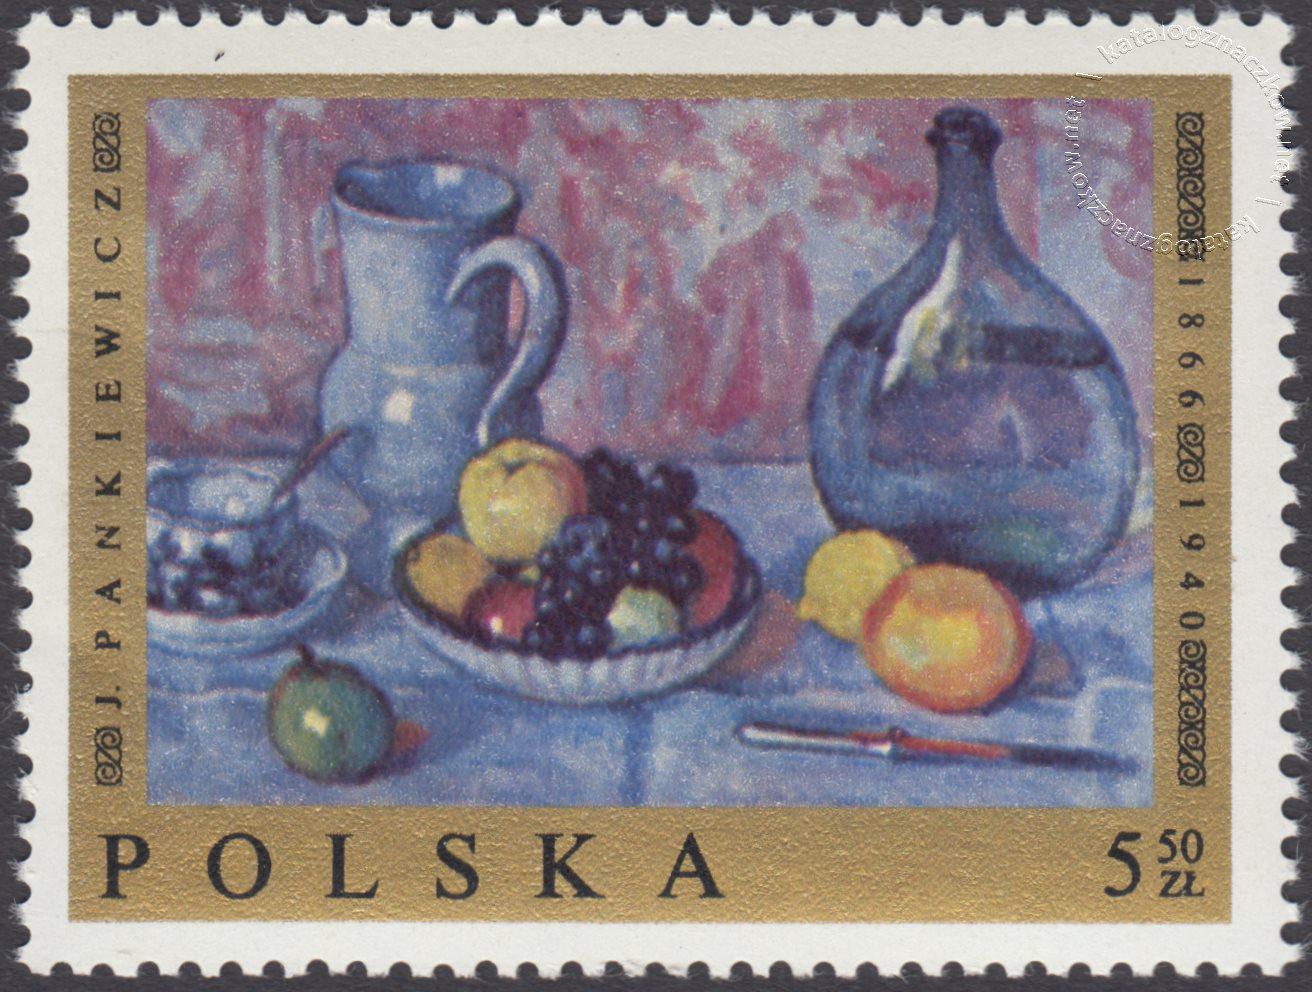 Malarstwo polskie znaczek nr 1800